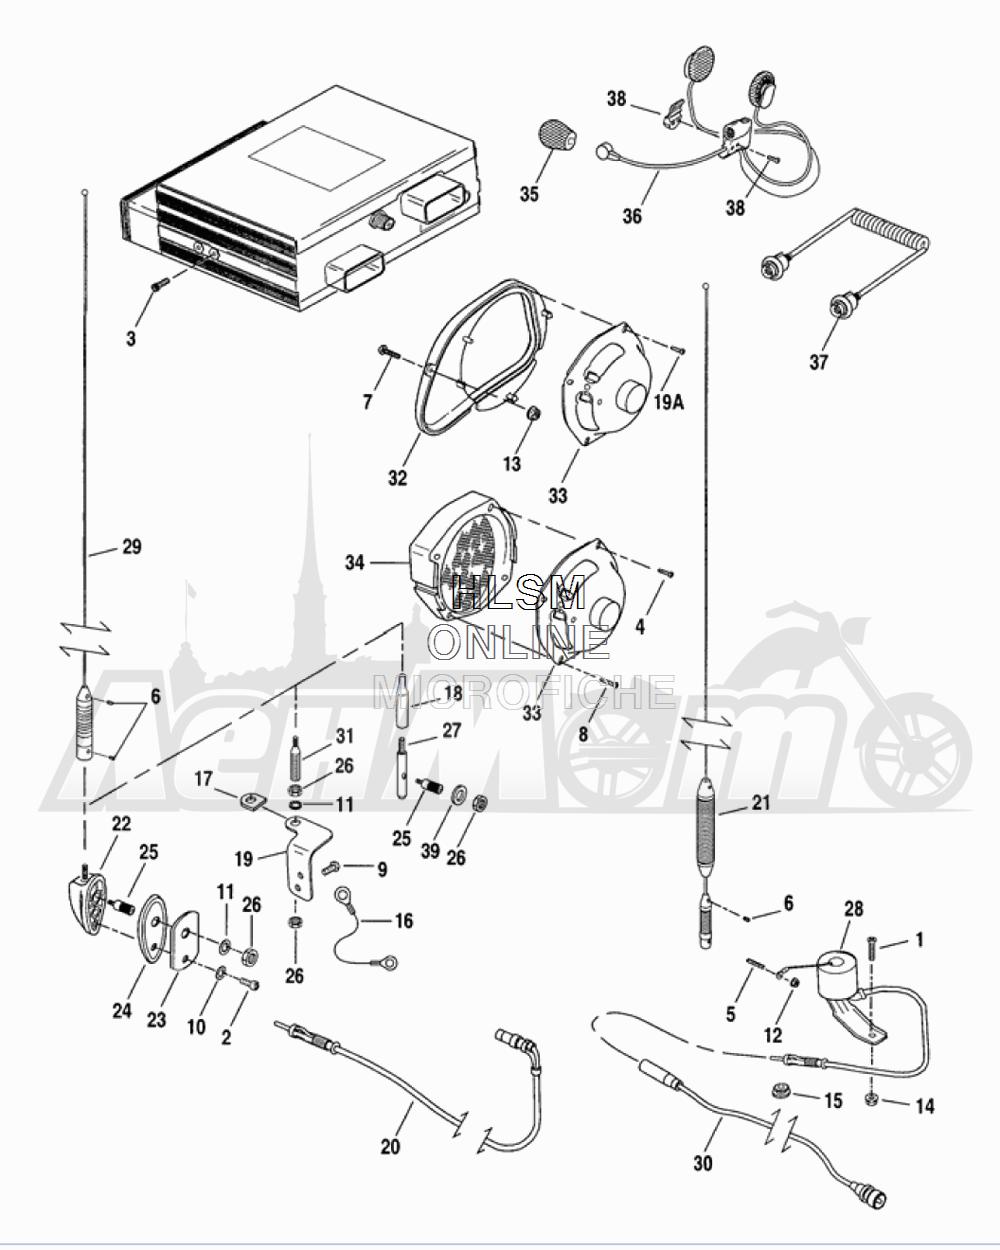 Запчасти для Мотоцикла Harley-Davidson 2005 FLTRI ROAD GLIDE® (INJECTION) (FS) Раздел: SOUND SYSTEM | аудиосистема